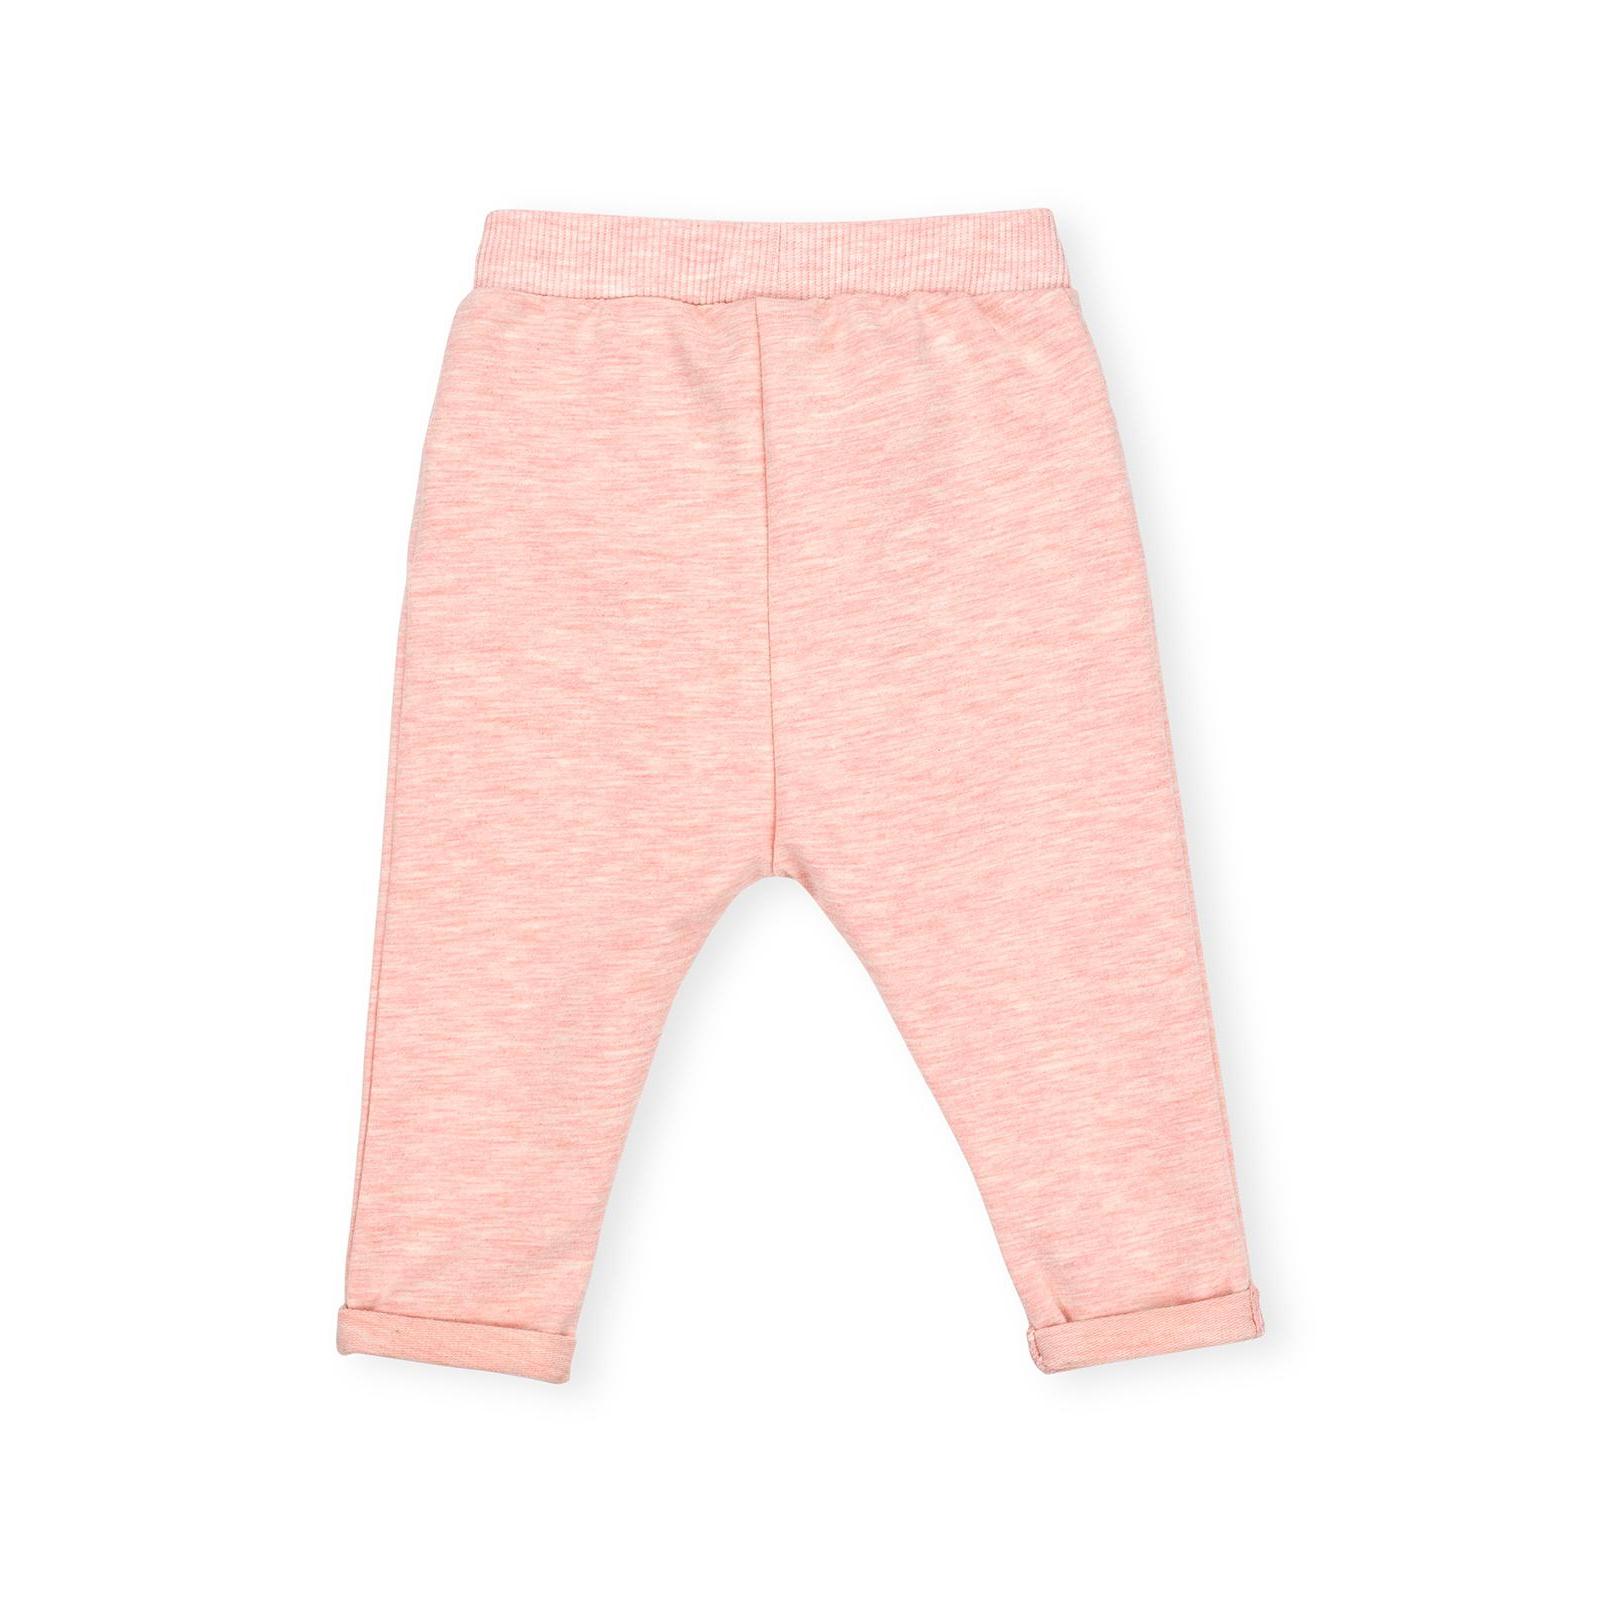 Набор детской одежды Breeze с зайчиками (10214-98G-peach) изображение 6